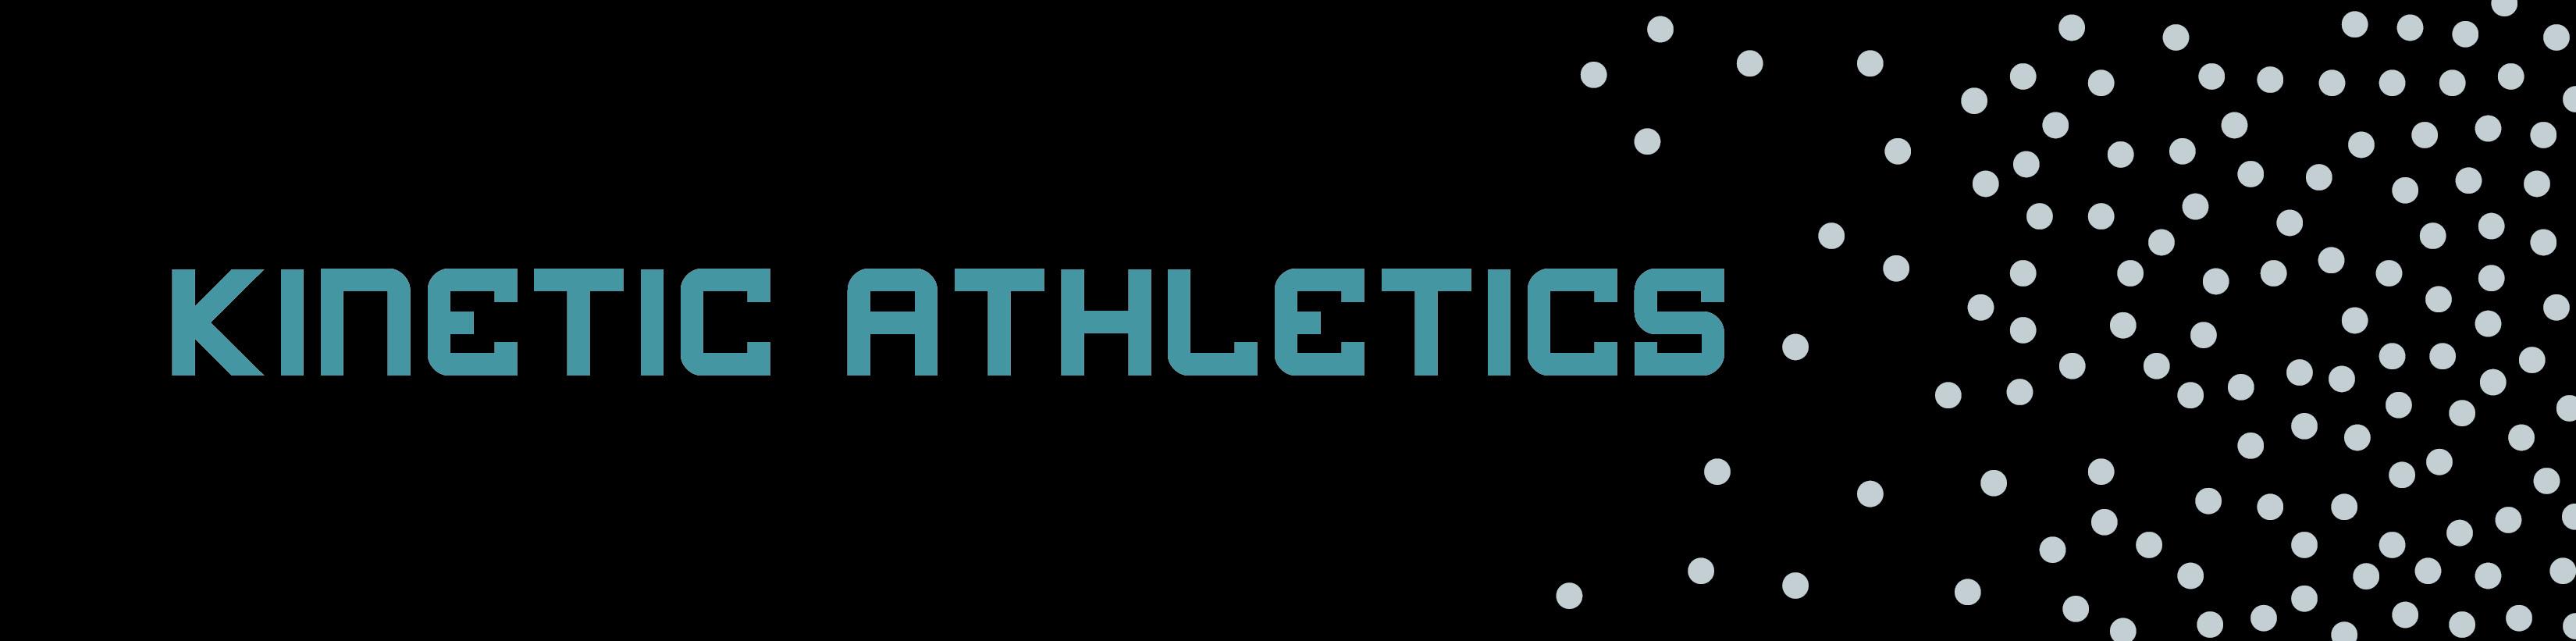 Kinetic Athletics